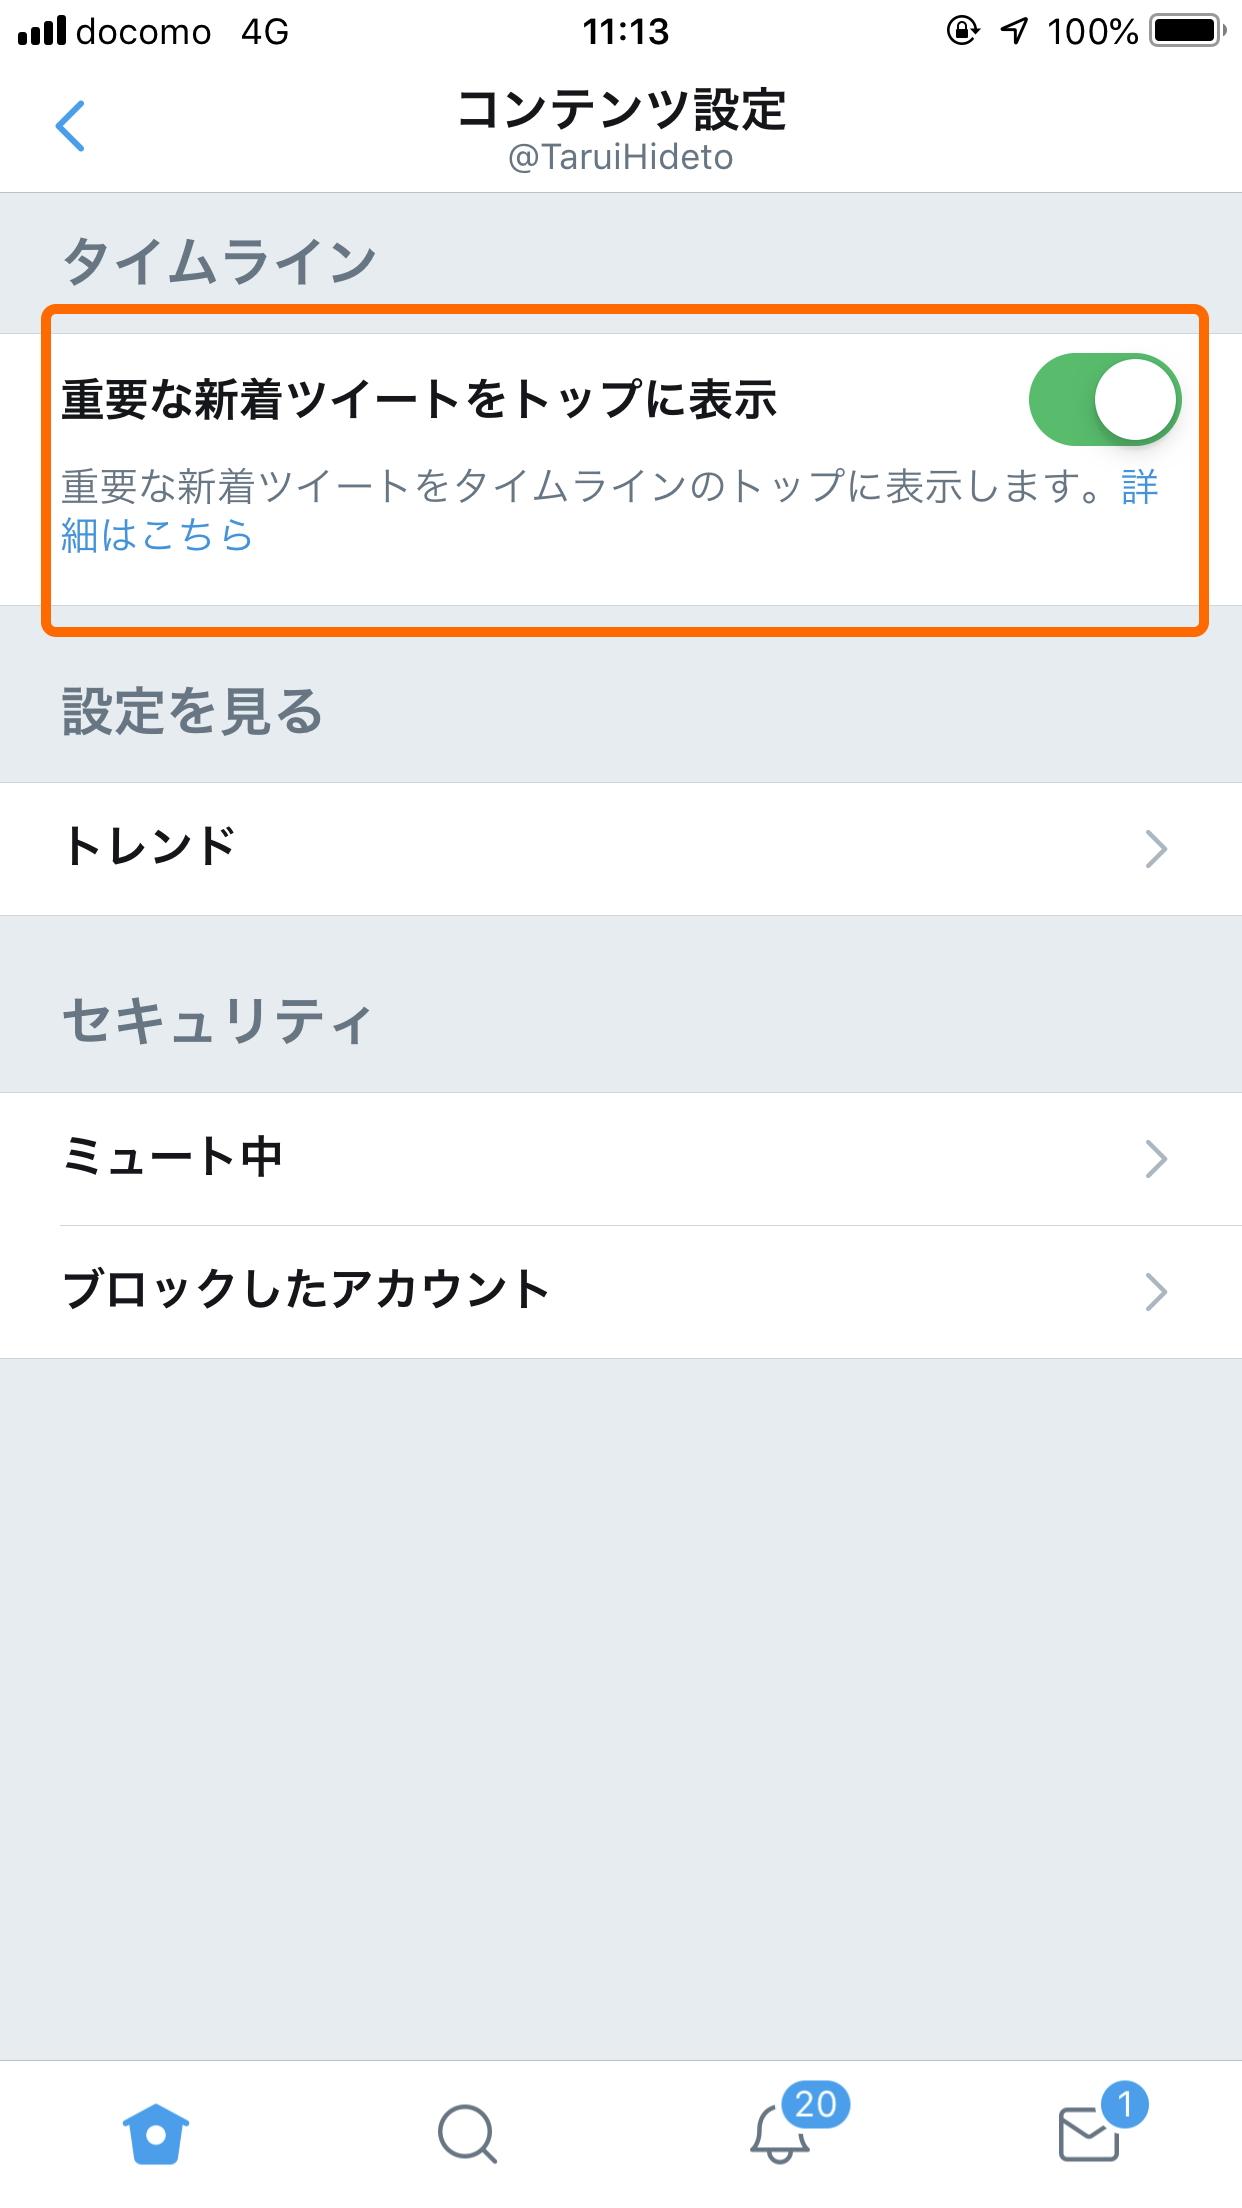 [重要な新着ツイートをトップに表示]オプションへアクセスできる